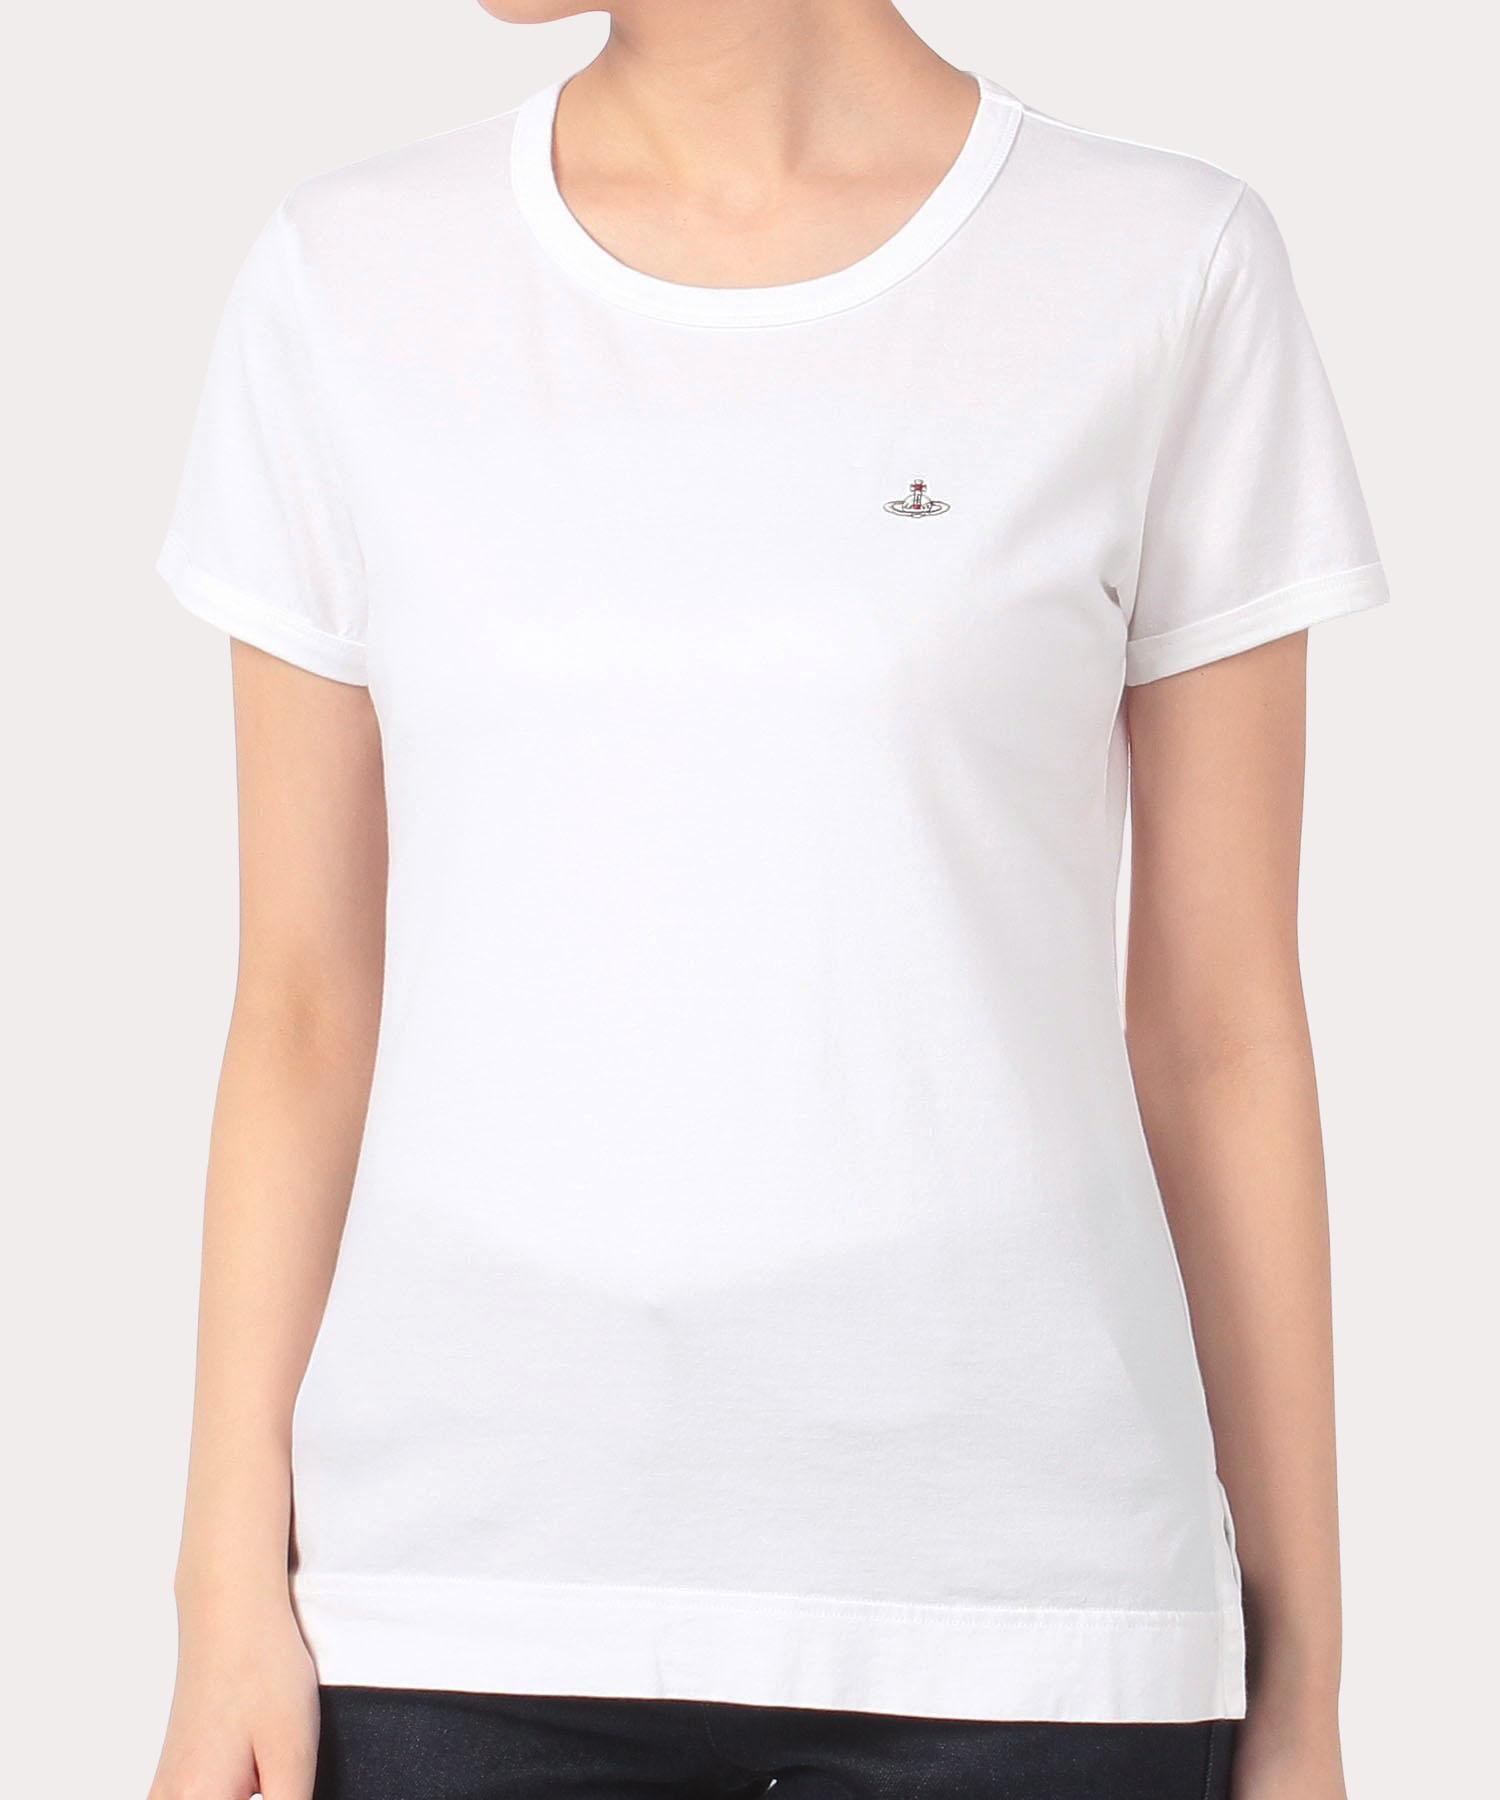 ワンポイントORB 半袖Tシャツ